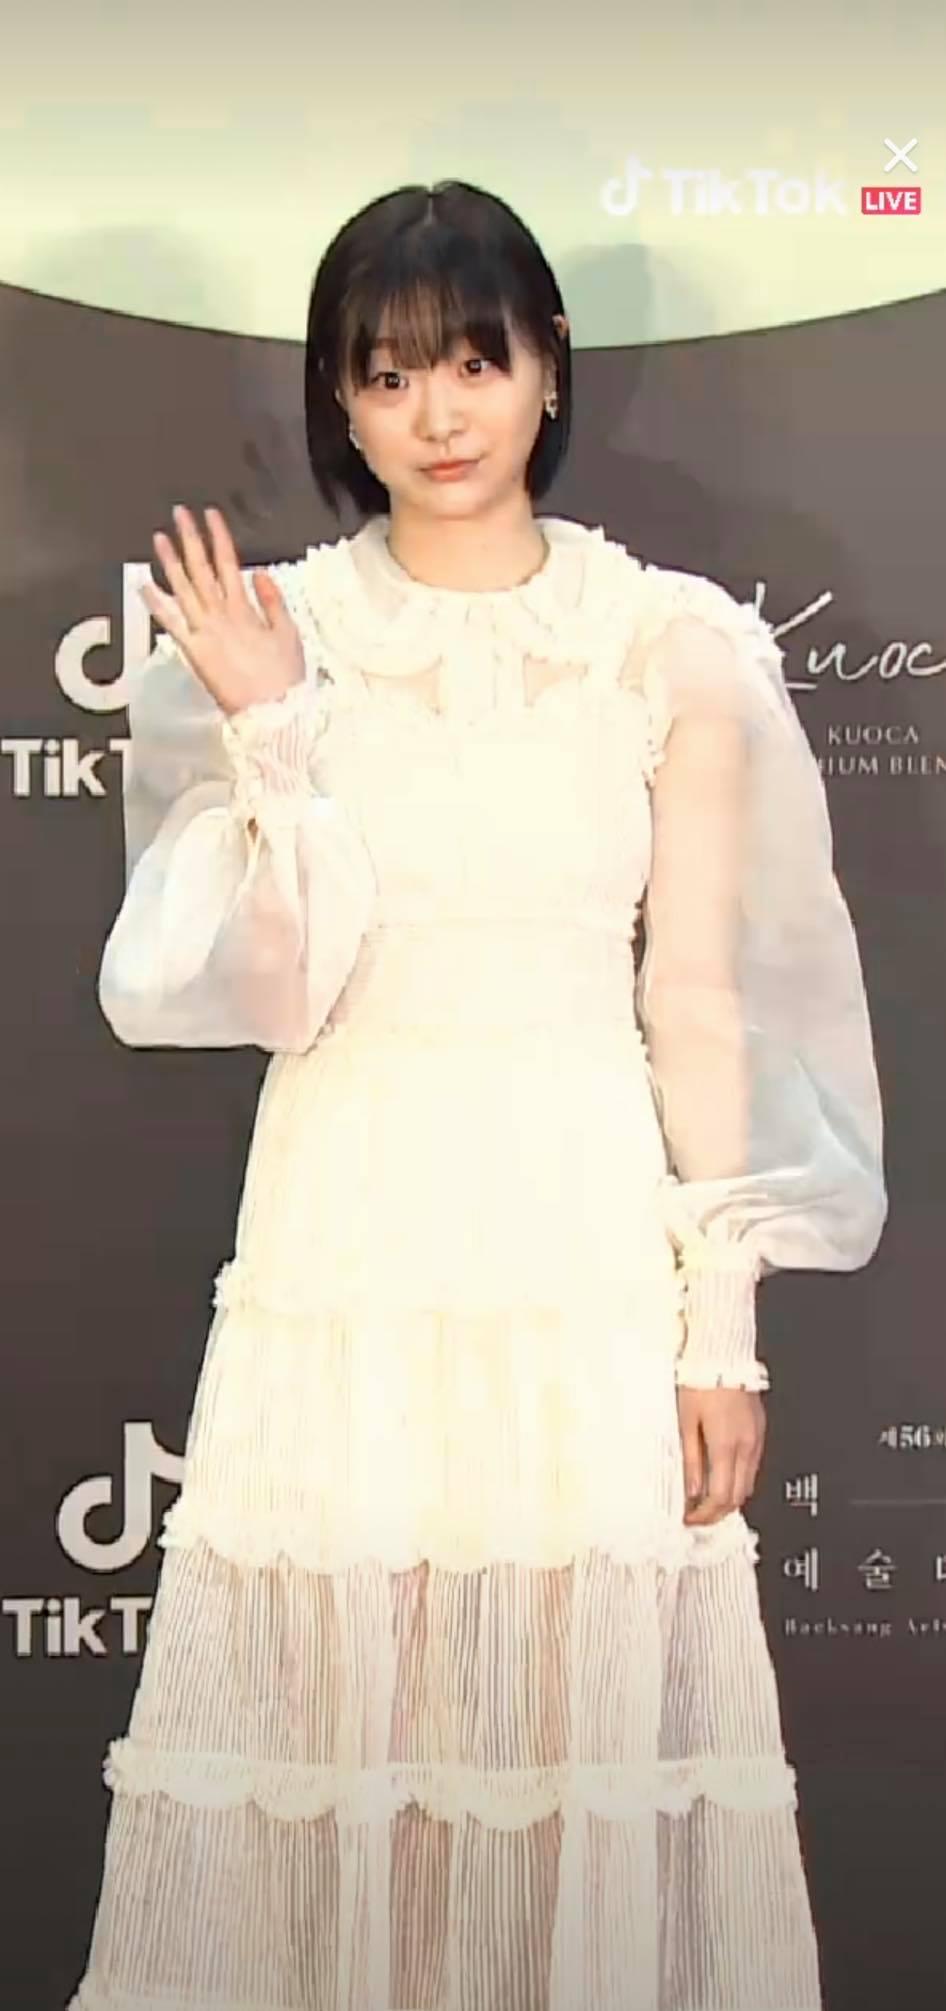 Thảm đỏ Baeksang Arts Awards 2020: 'Chị đại Triều Tiên' Seo Ji Hye chiếm spotlight với váy trắng lấp lánh, Kwon Nara diện váy hồng 'sến sẩm' 7